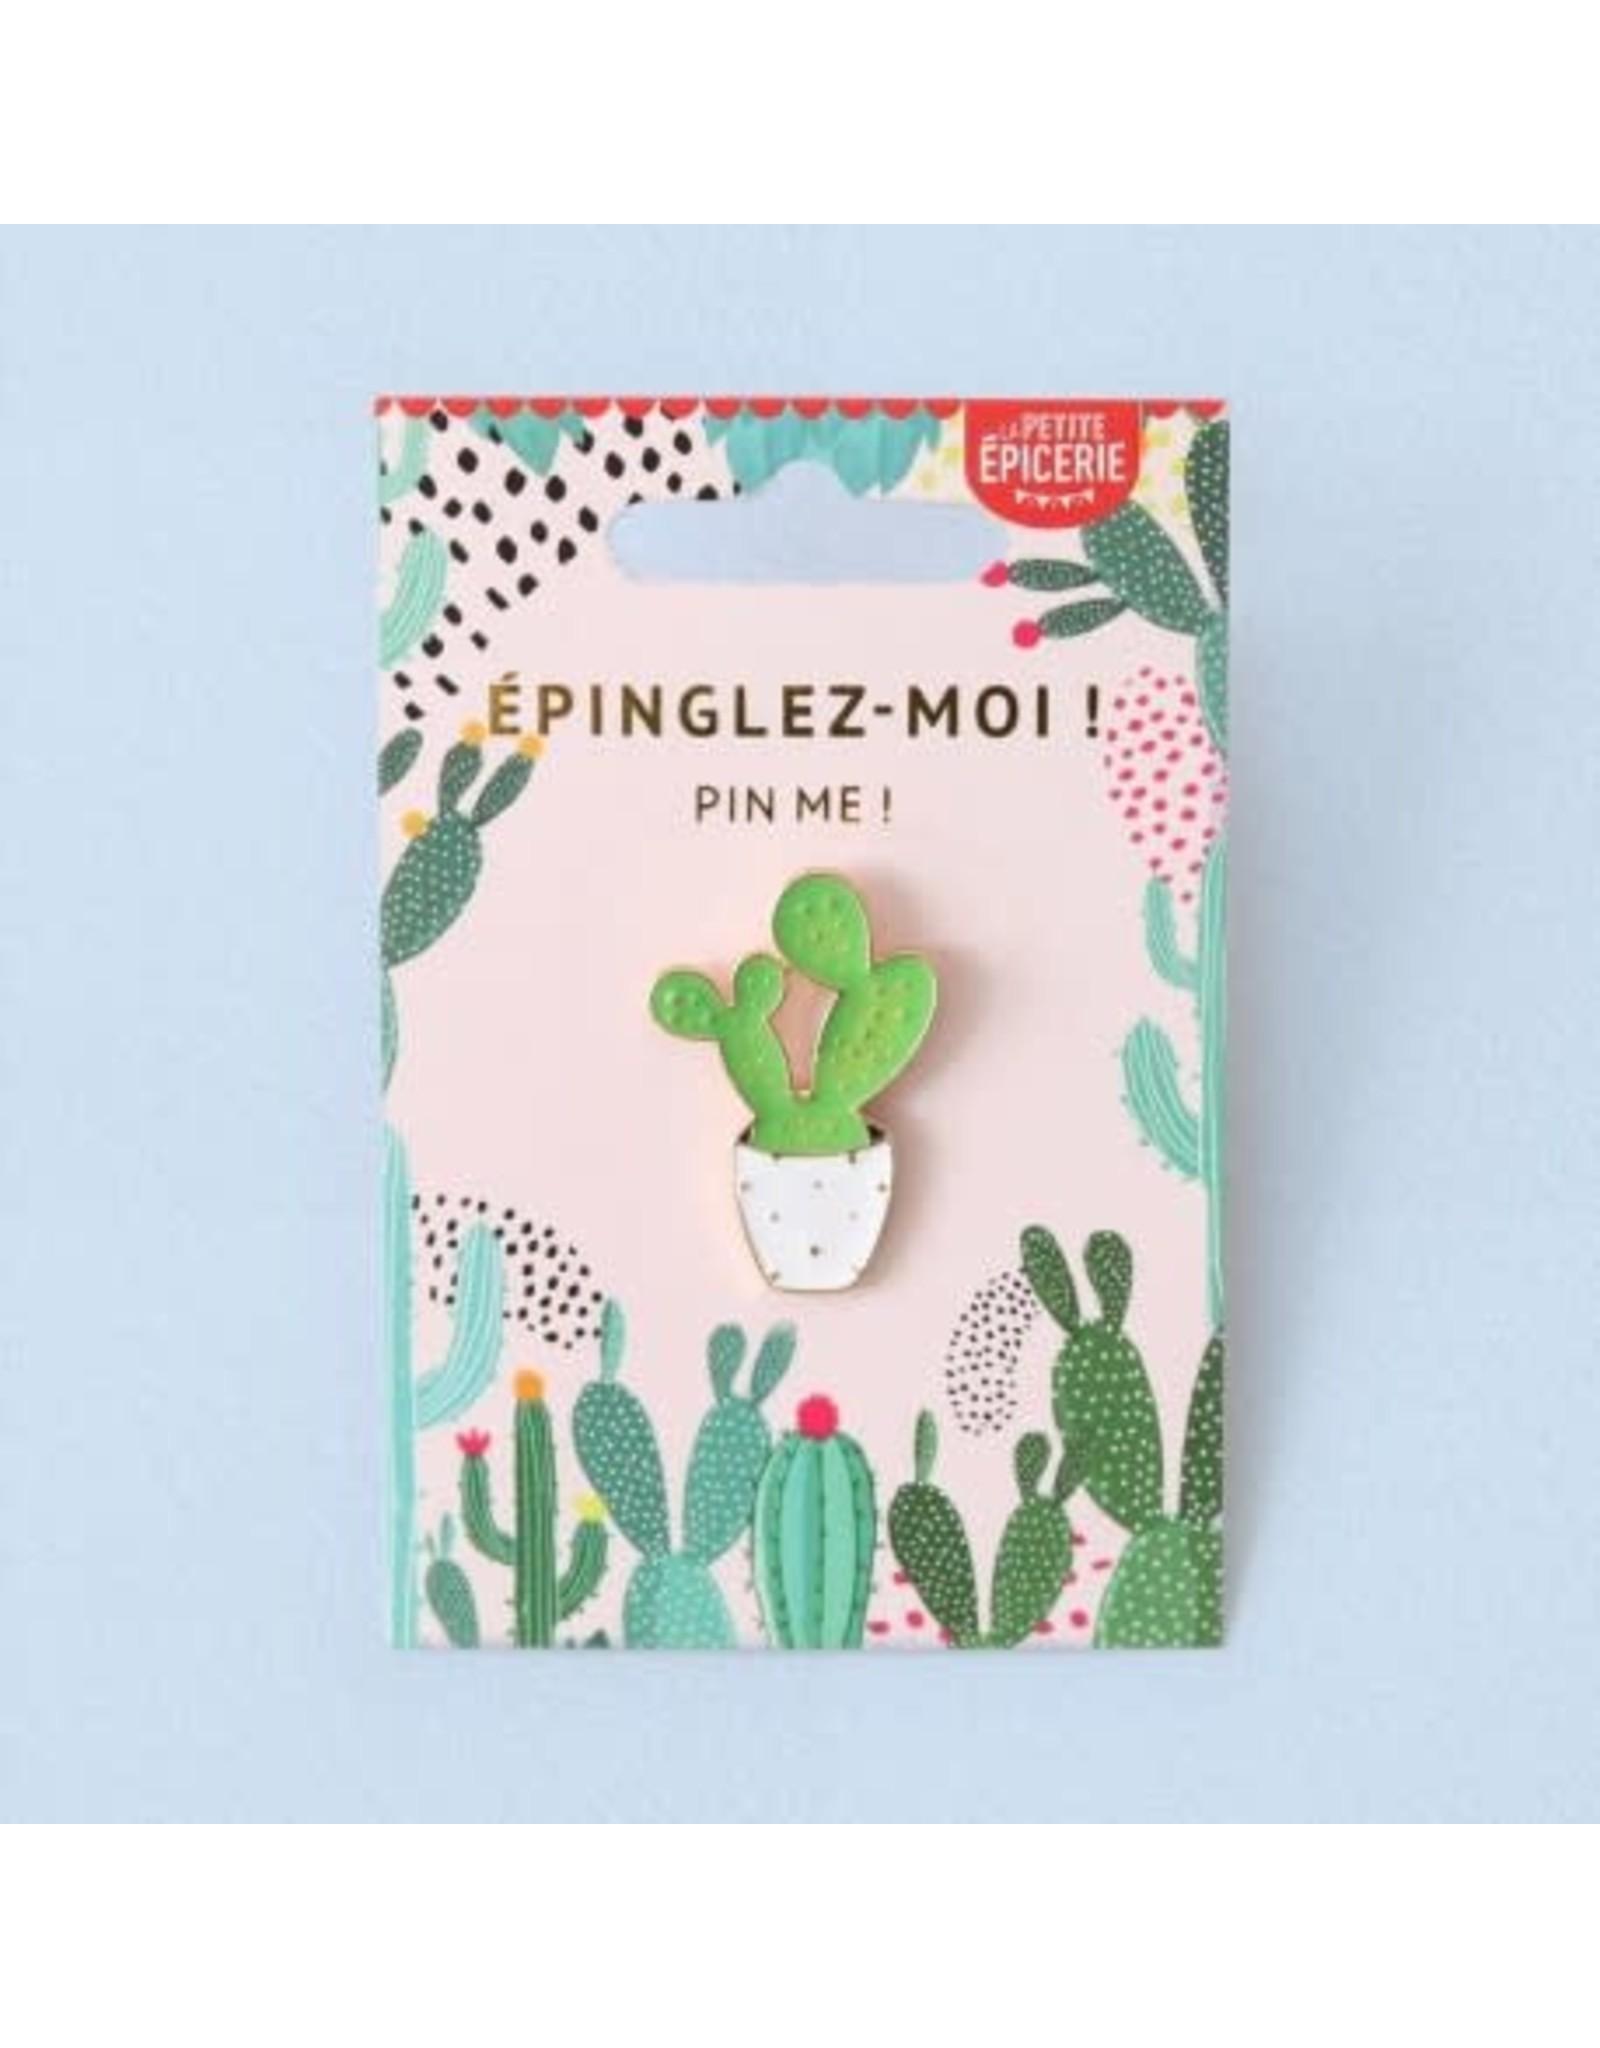 La petite épicerie Pins cactus